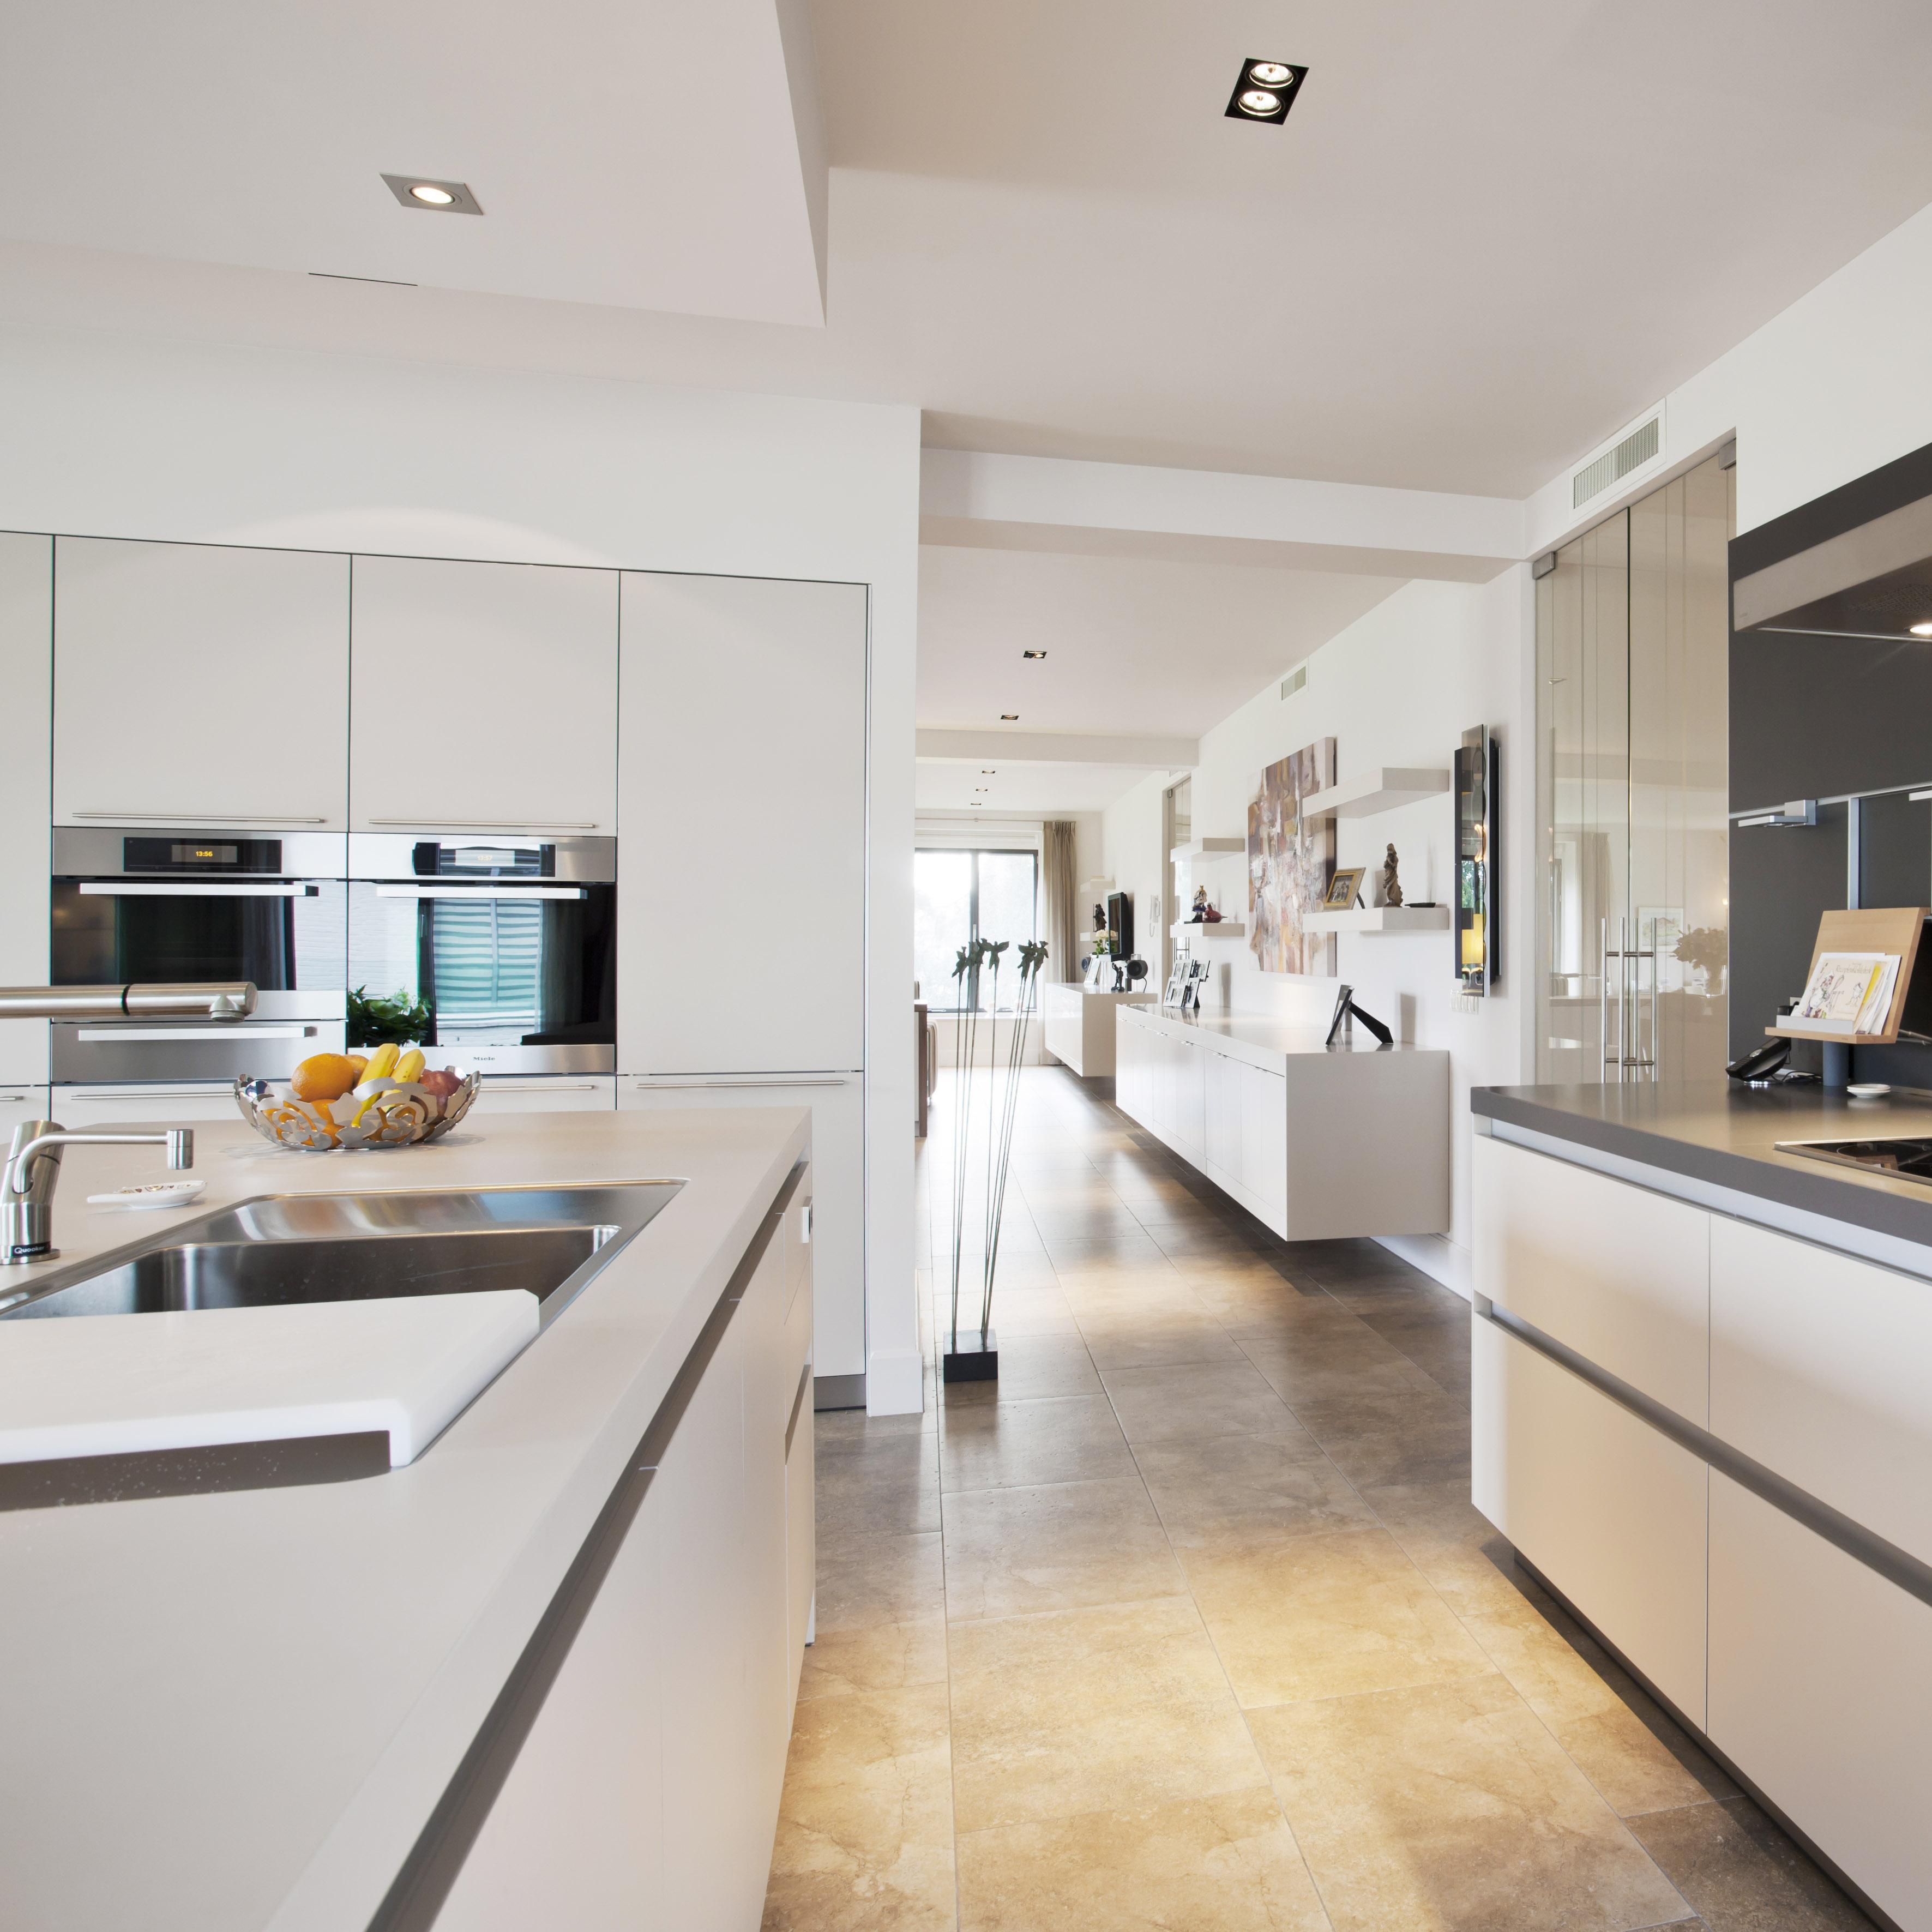 Dubbel penthouse annekoos littel interieurarchitecten - Dachwohnung interieur penthouse ...